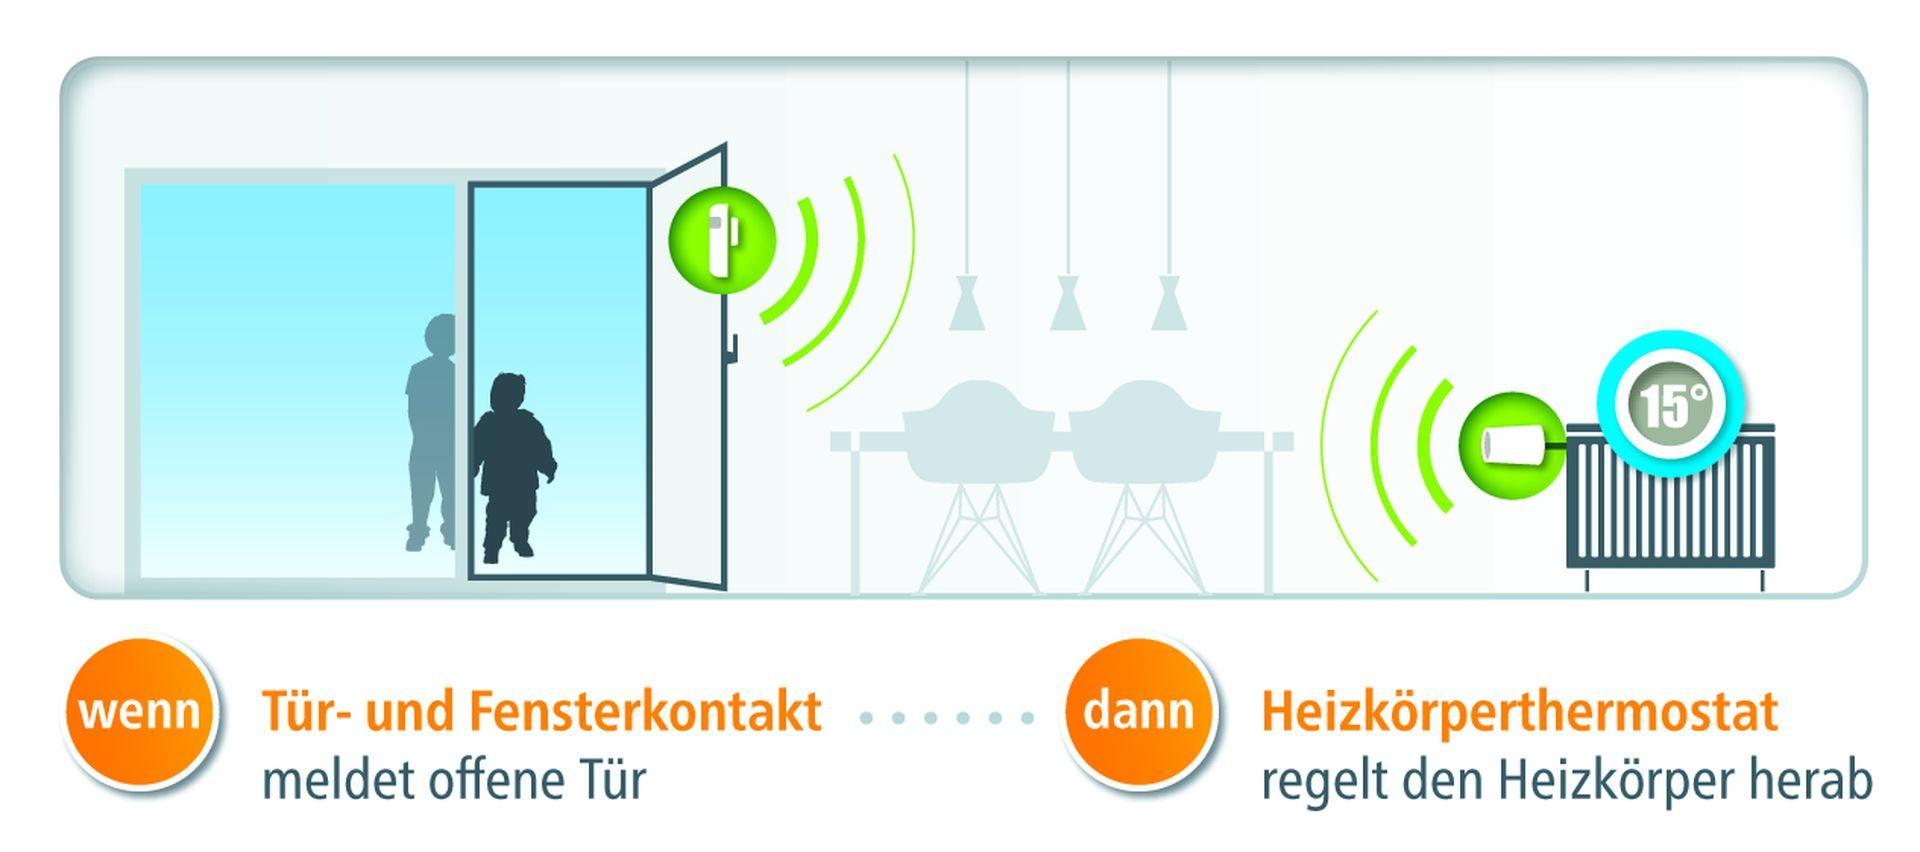 devolo-Home-Control-DoorWindow-Contact-scenario